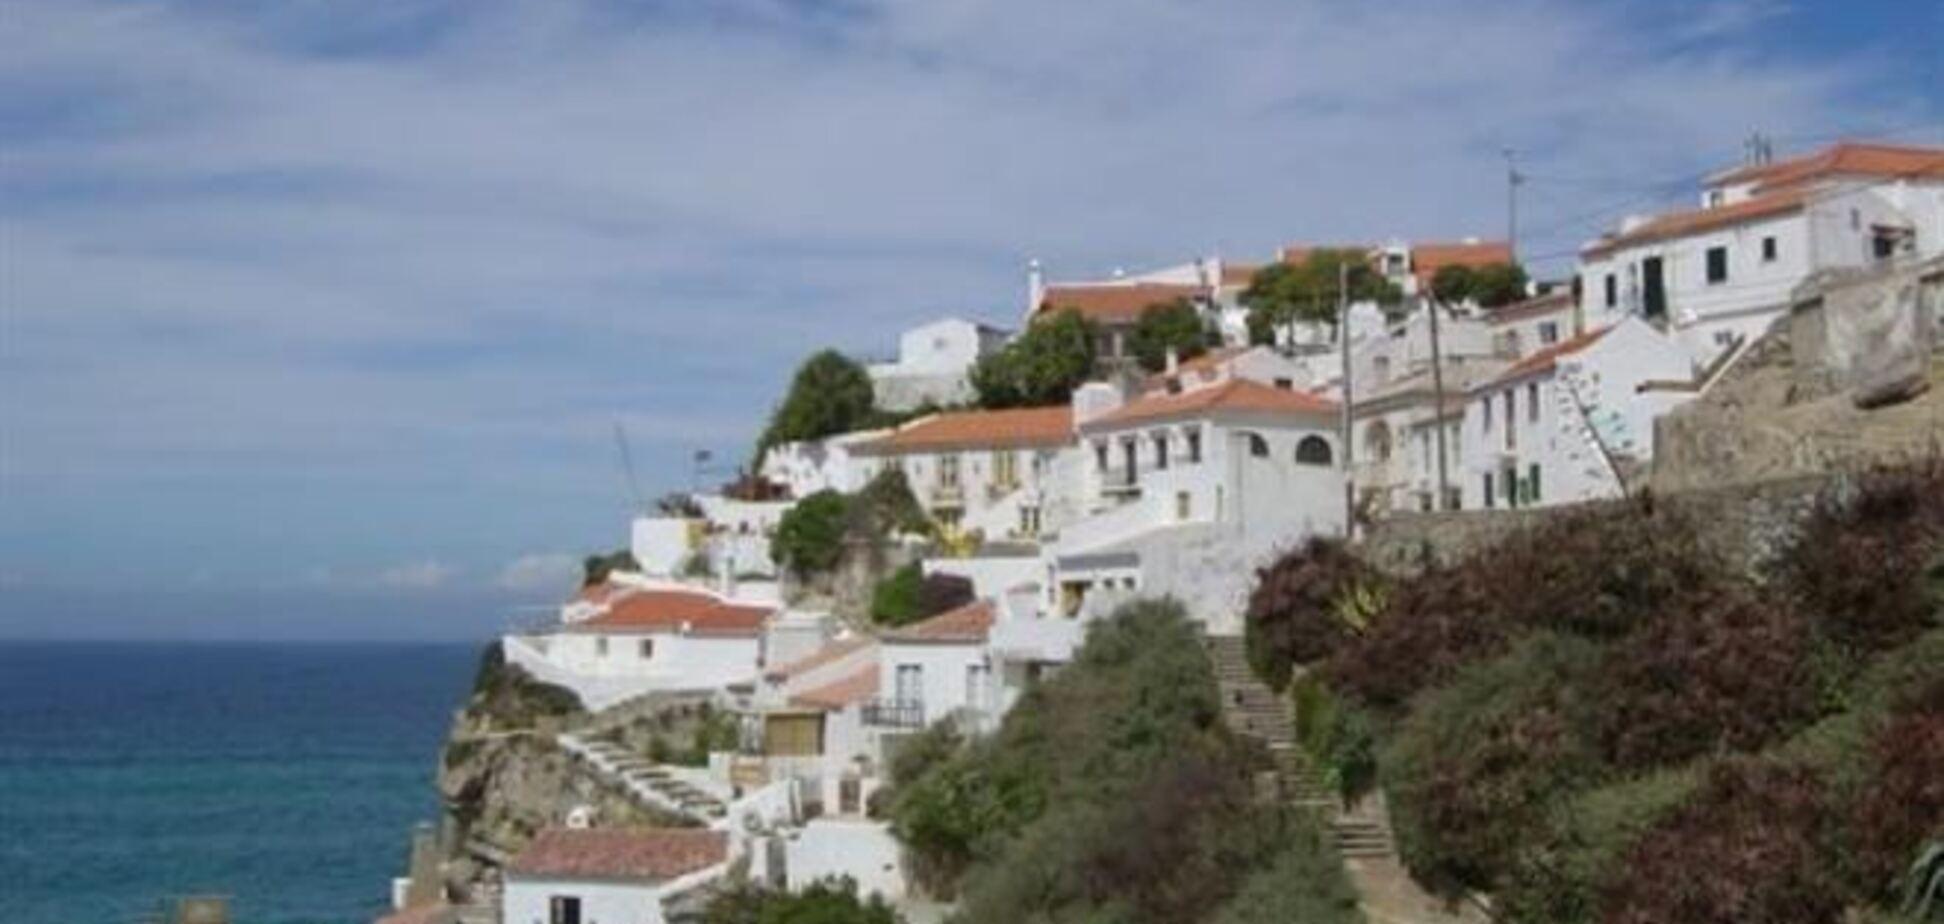 'Золотые визы' повысили интерес покупателей к недвижимости в Португалии